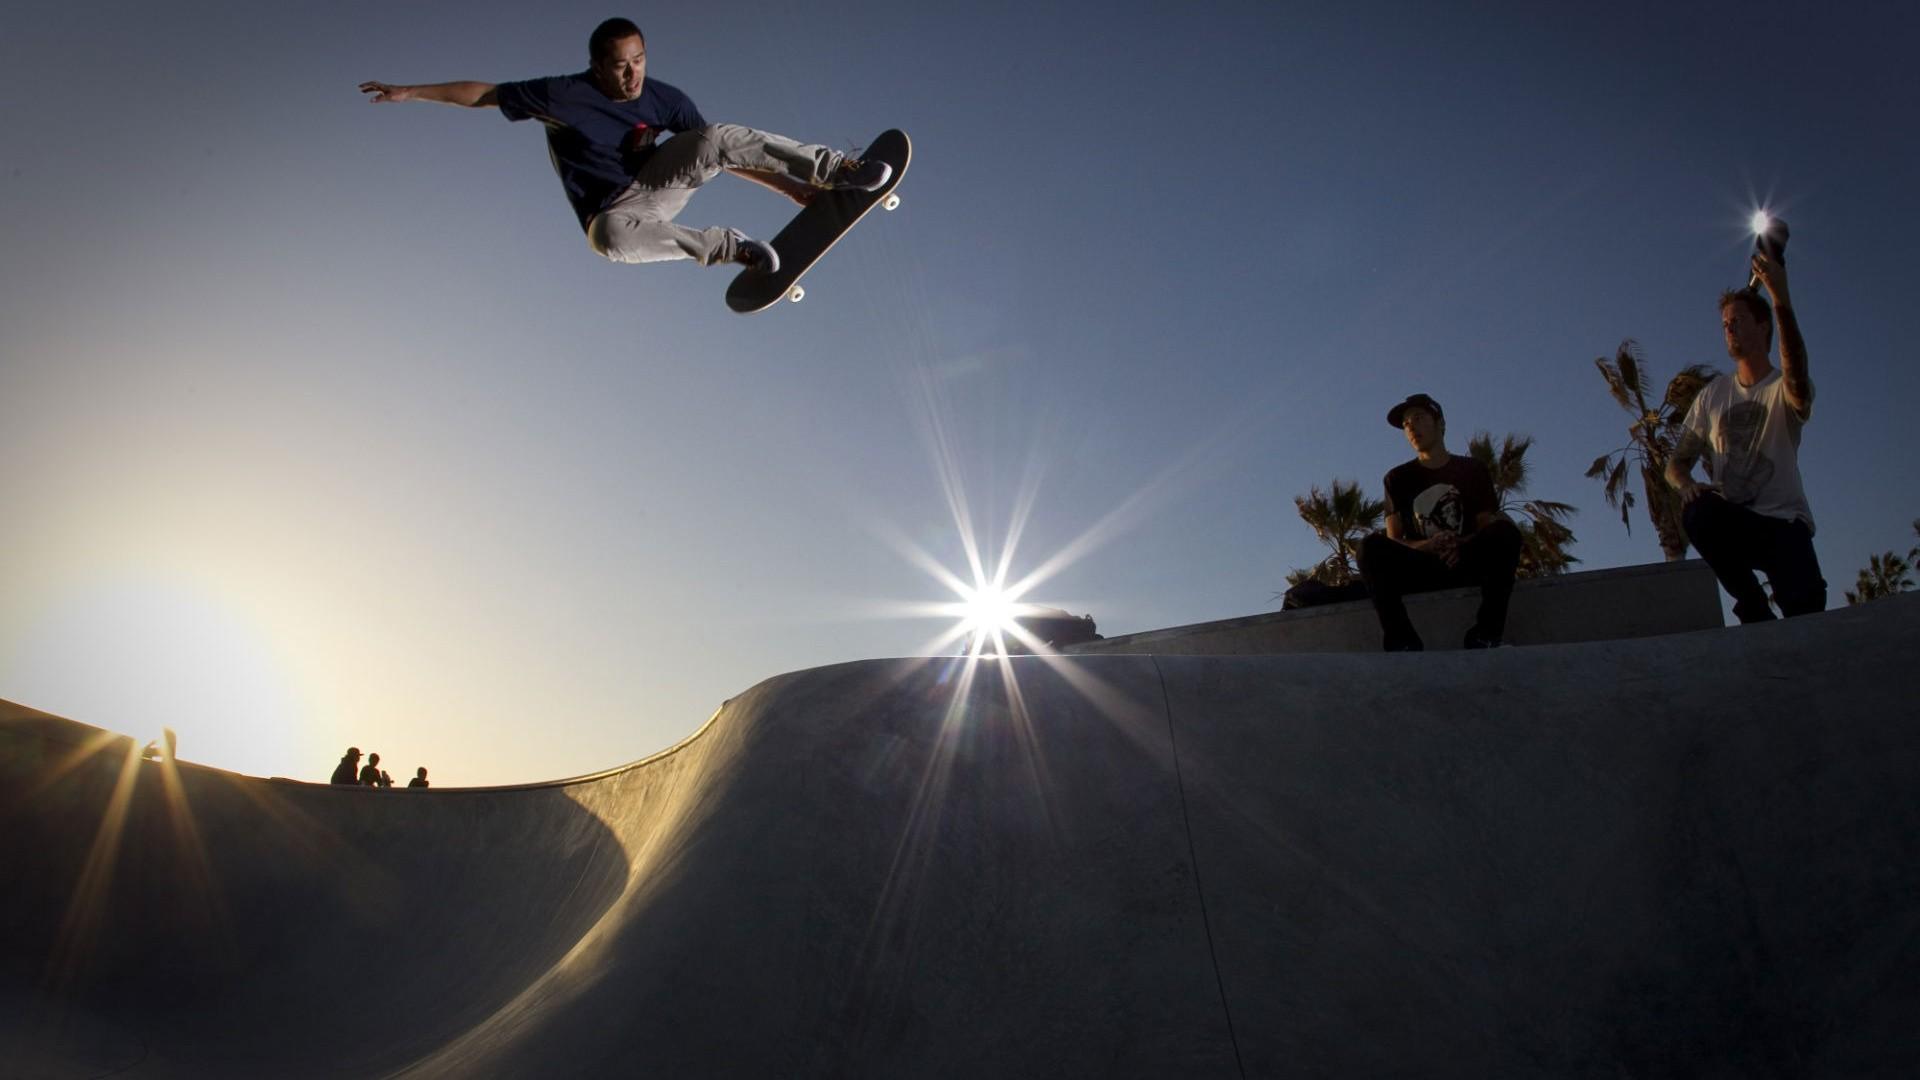 Skateboard HD Wallpaper